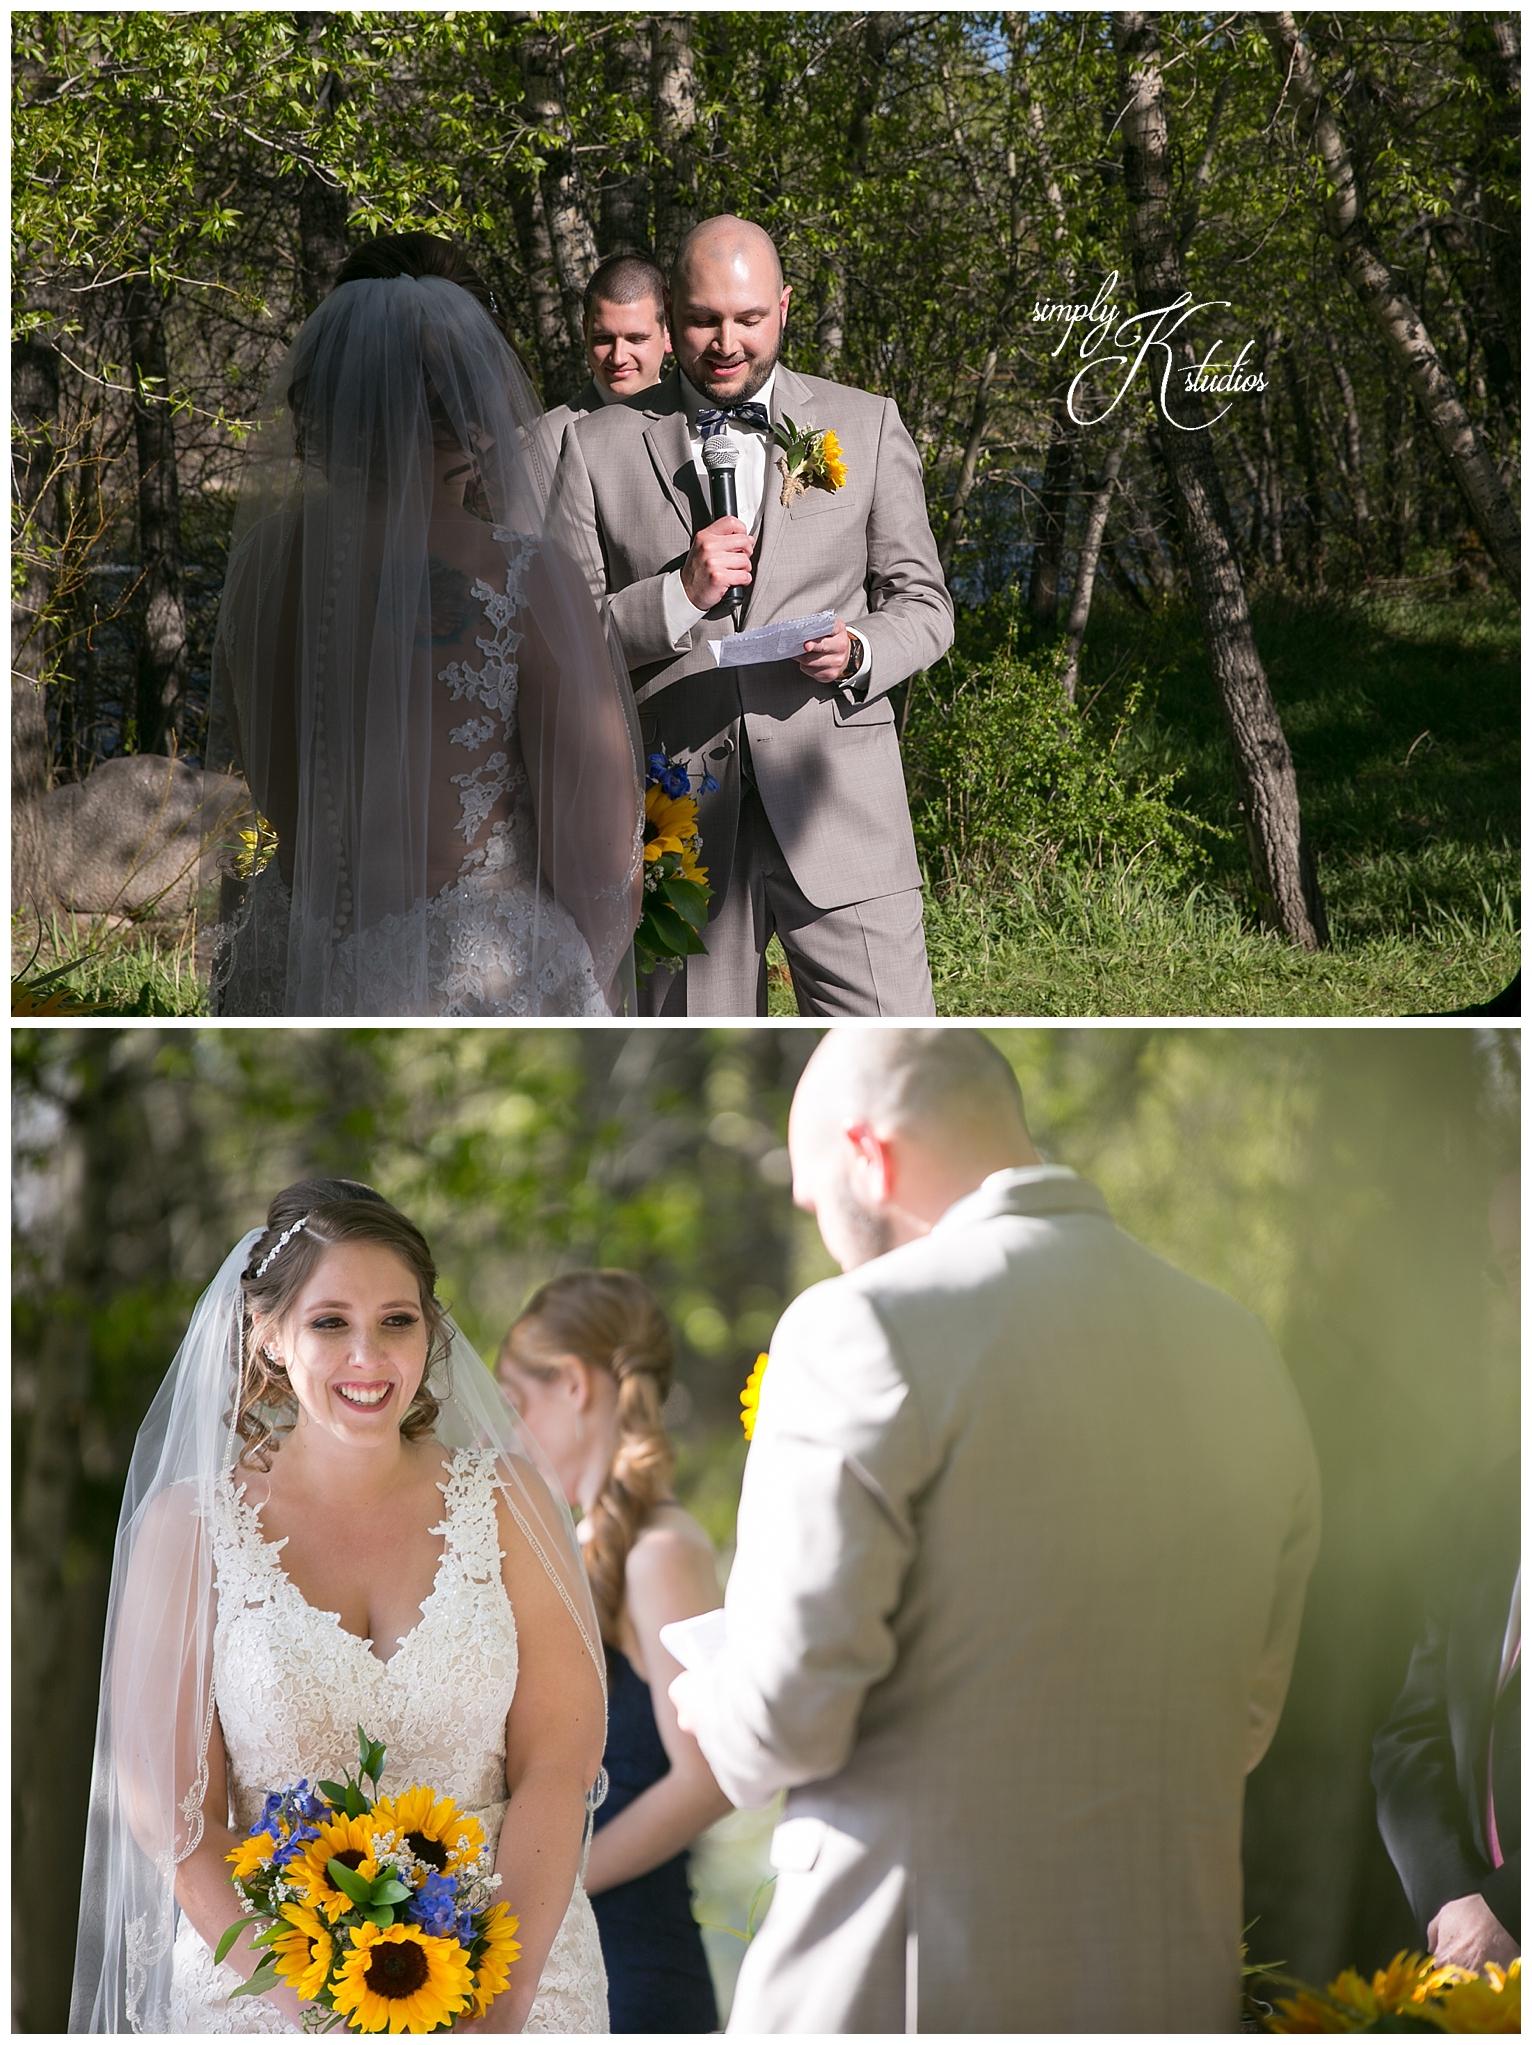 Wedding Vows Colorado.jpg